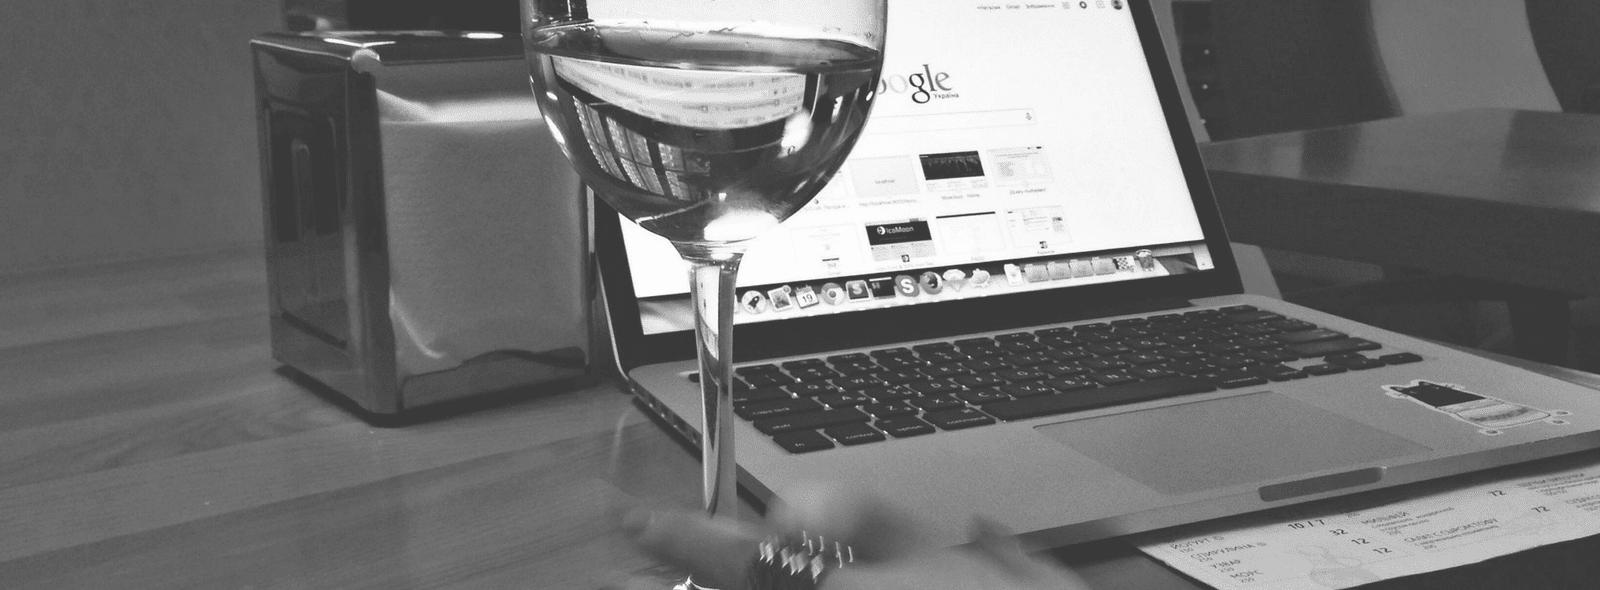 Les Vinitiques, salon entre Business du Vin et Numérique.